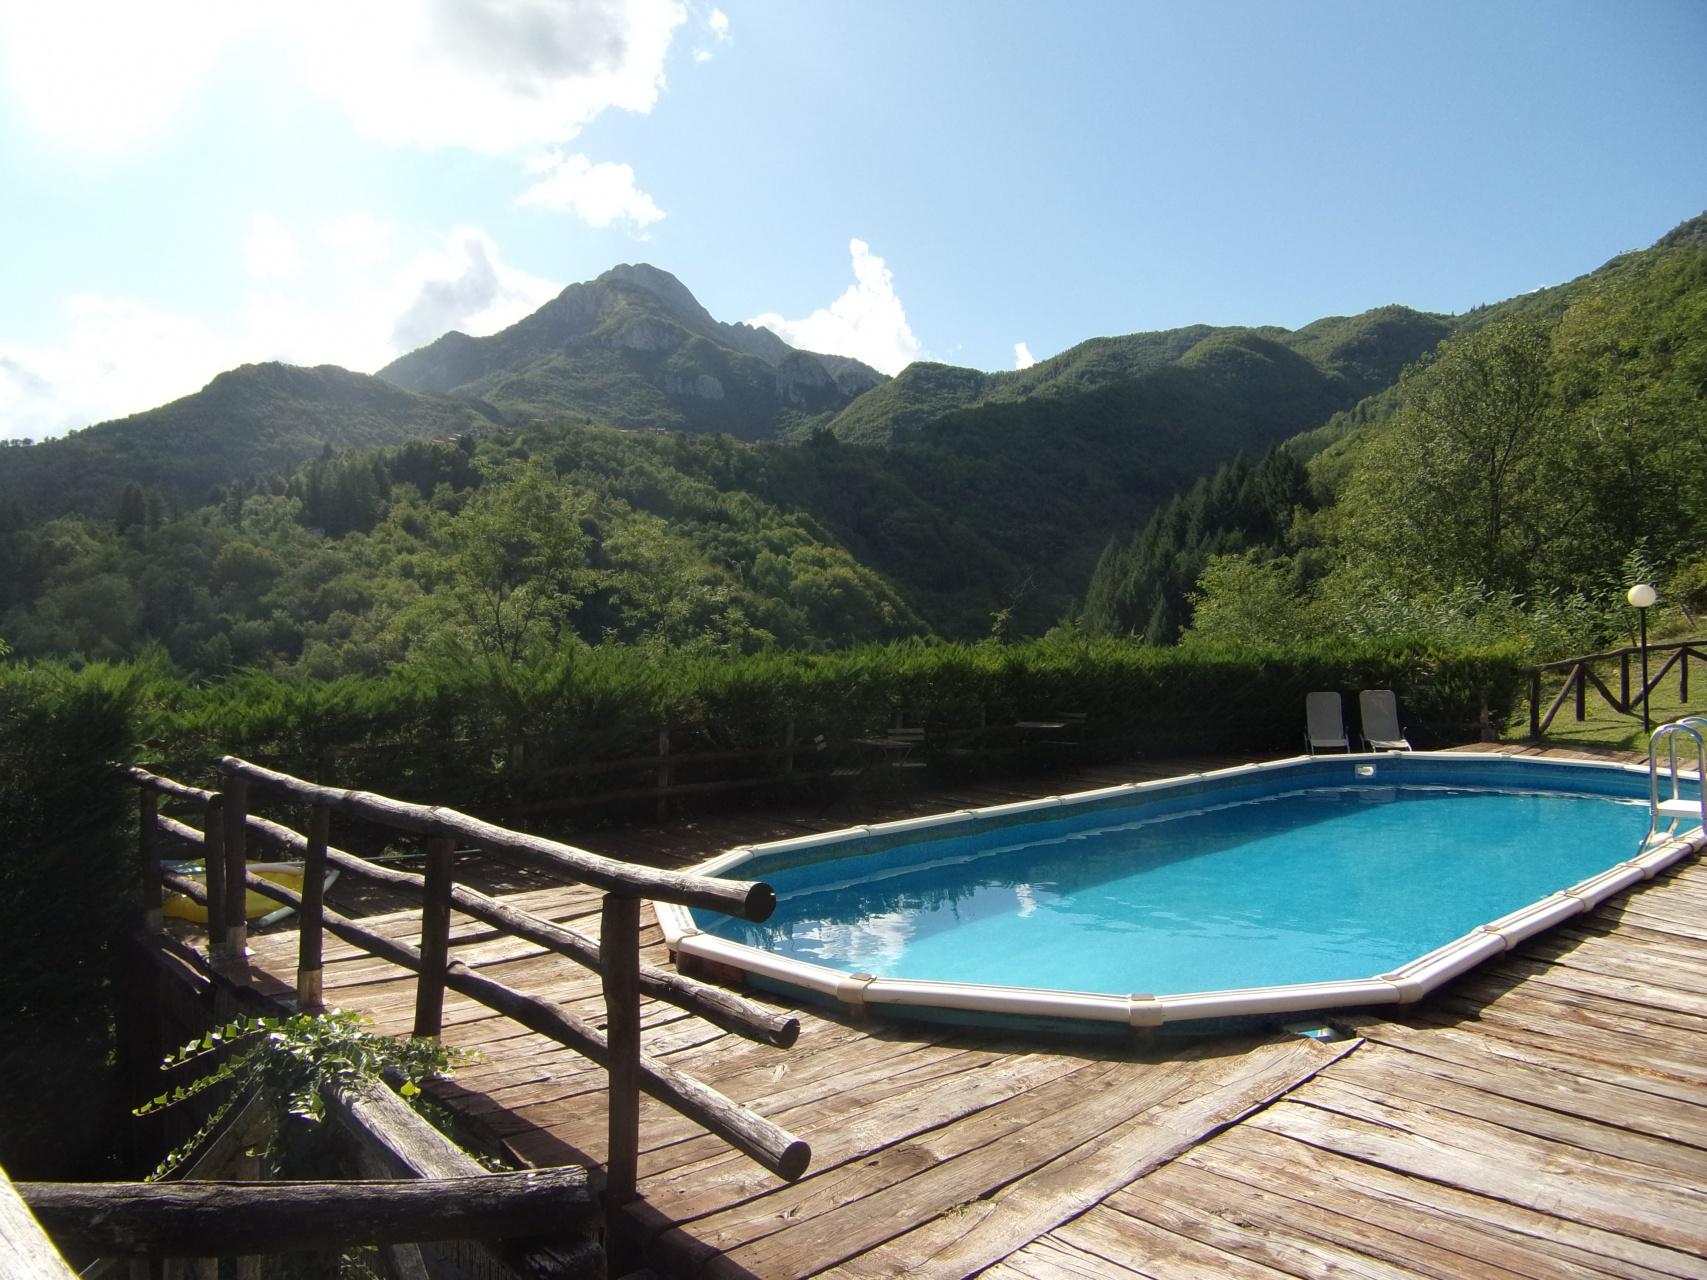 foto Casa rurale divisa in 4 appartamenti con piscina e terreno. Gallicano, Lucca.